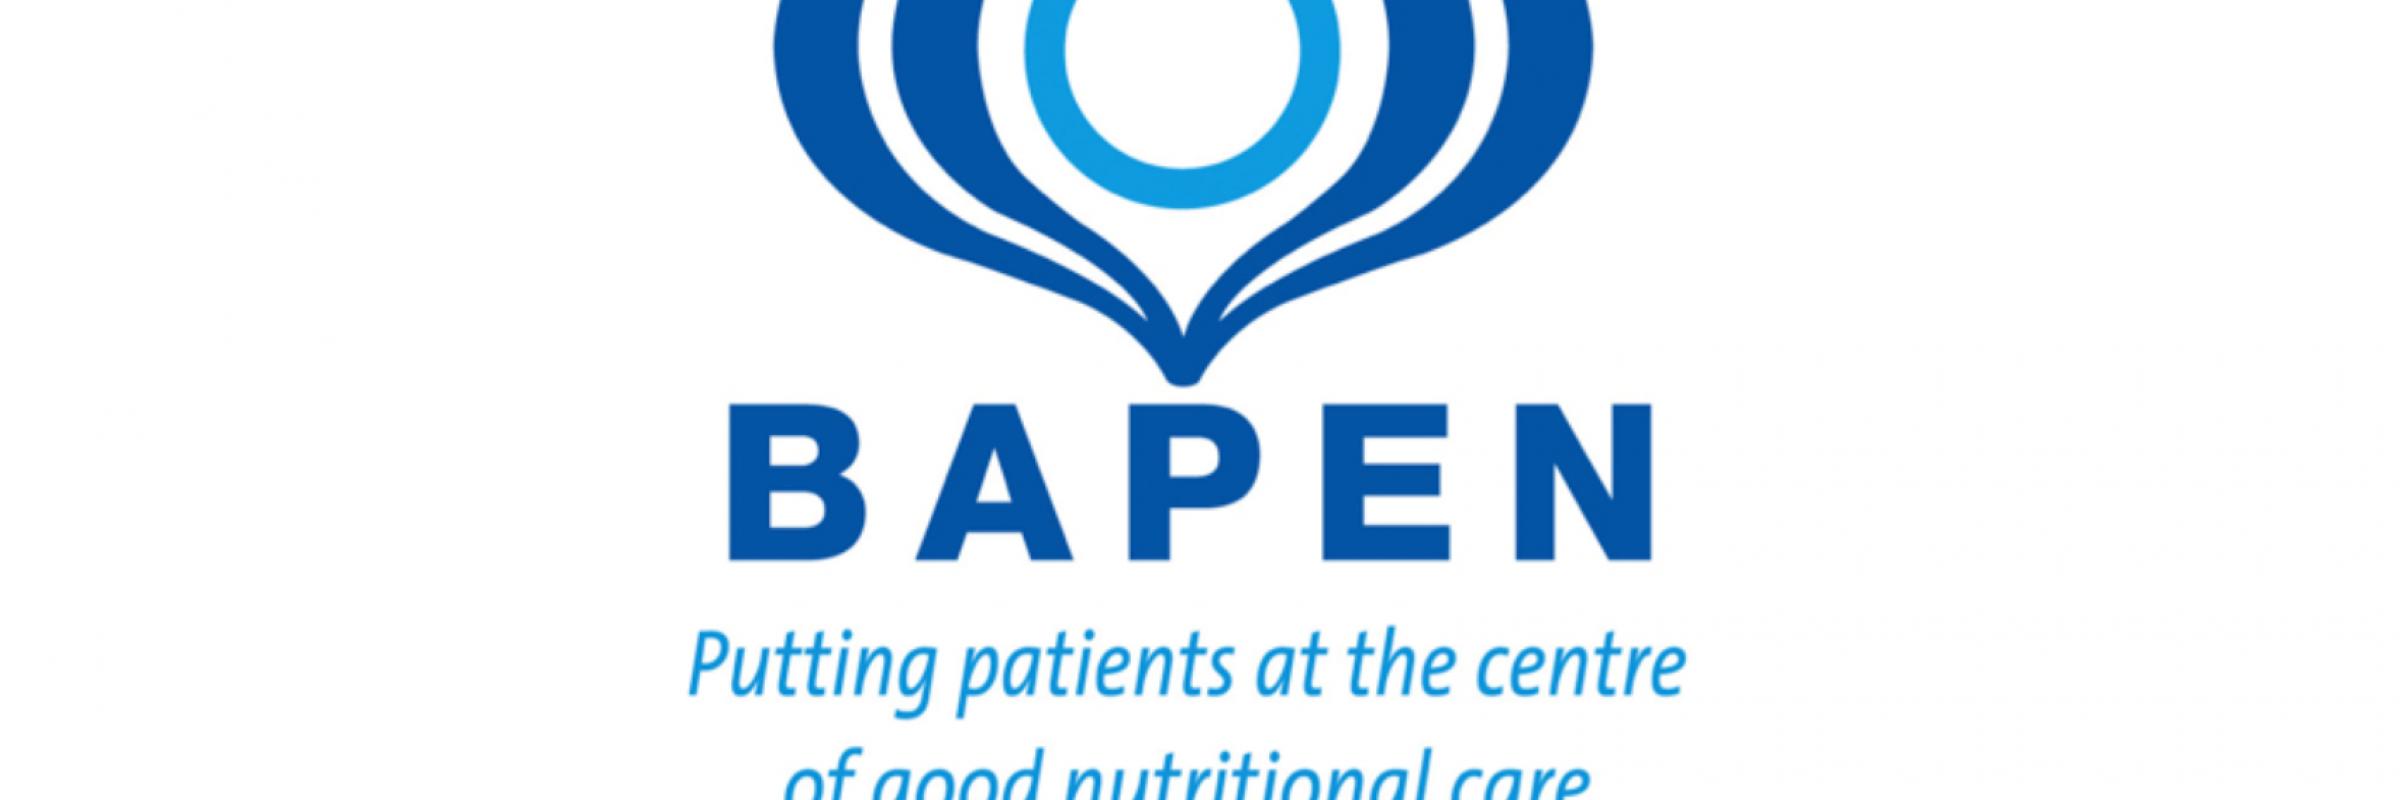 BAPEN logo